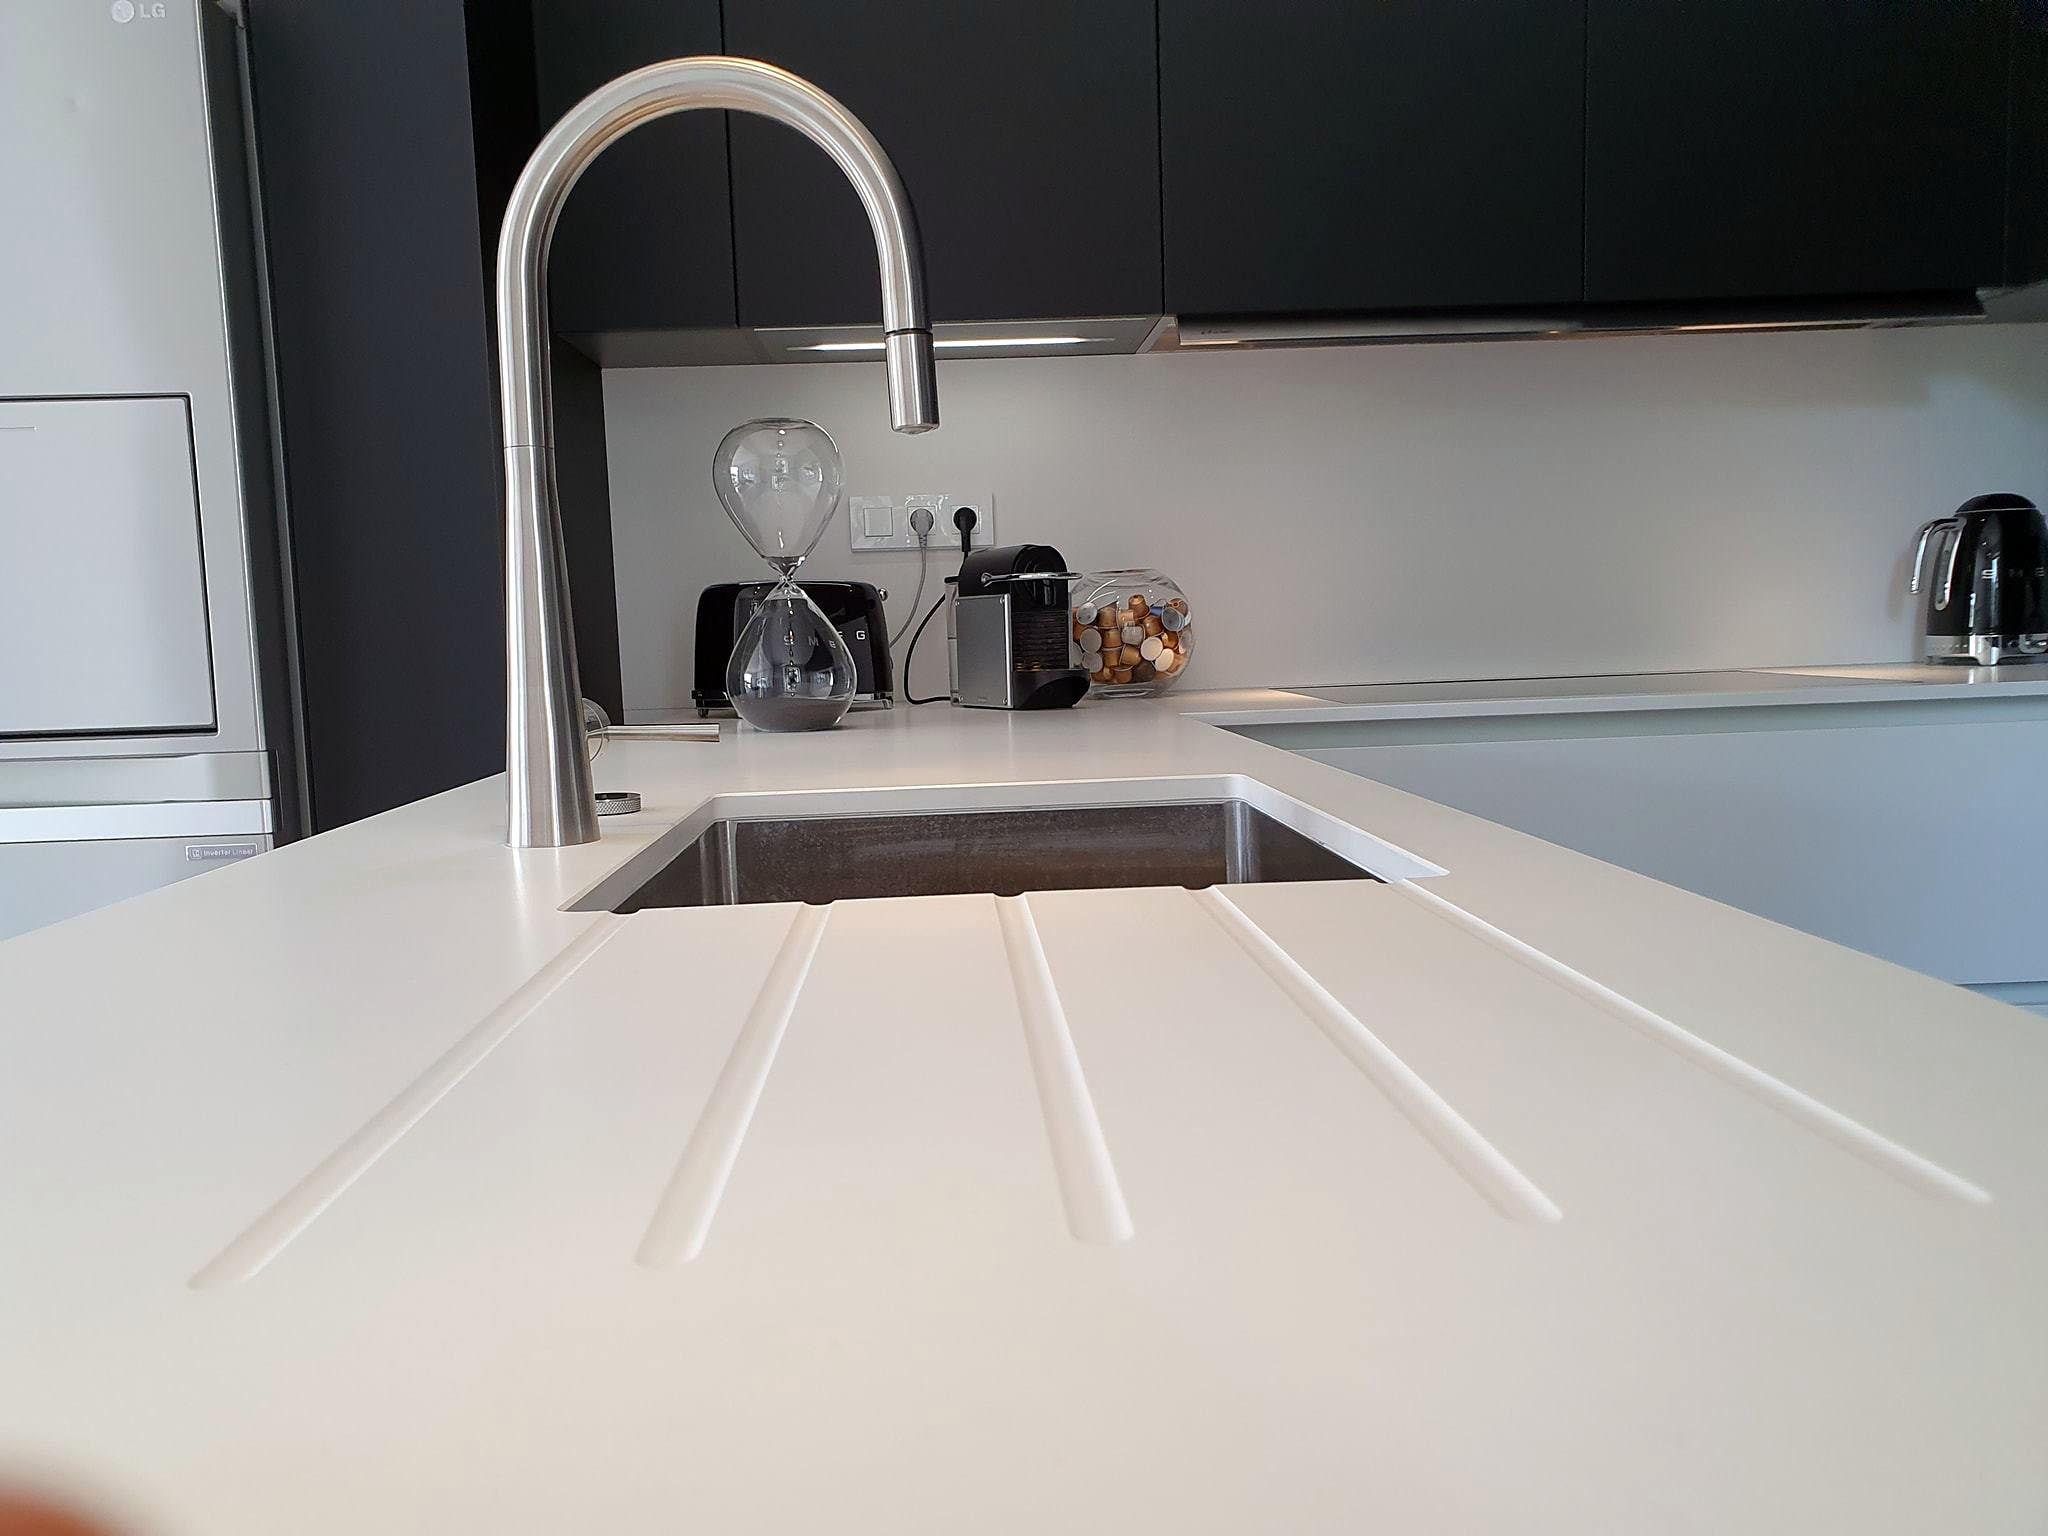 Evier sous plan installé dans la céramique blanche